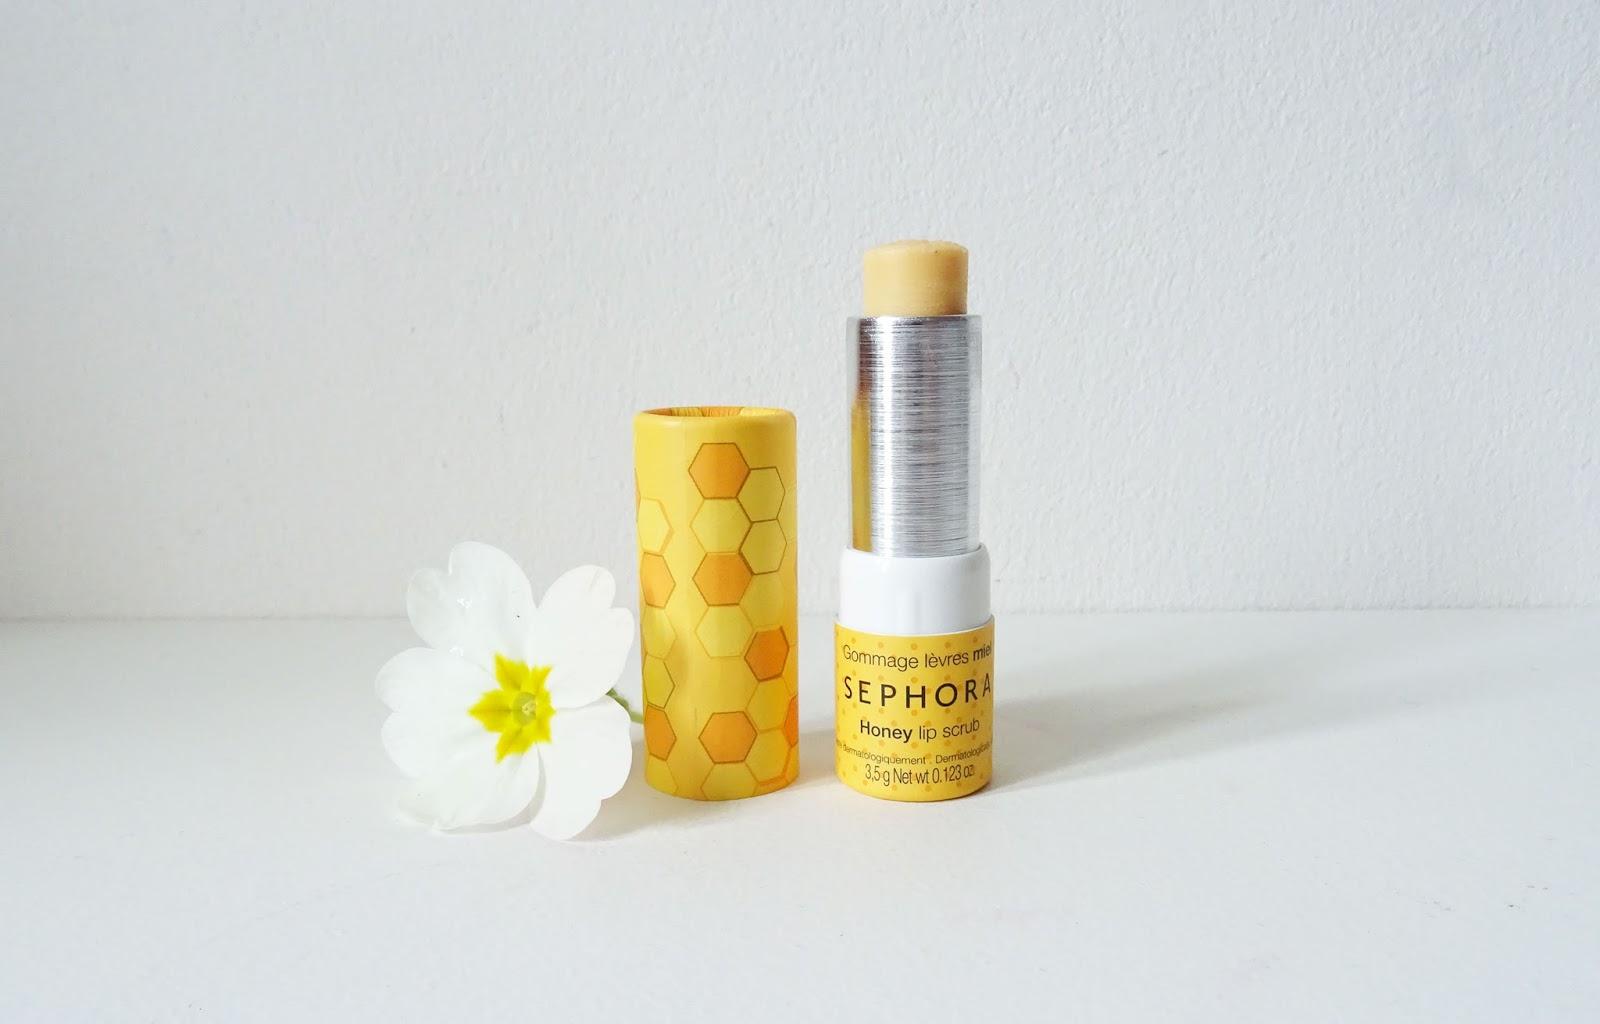 gommage lèvres au miel Sephora